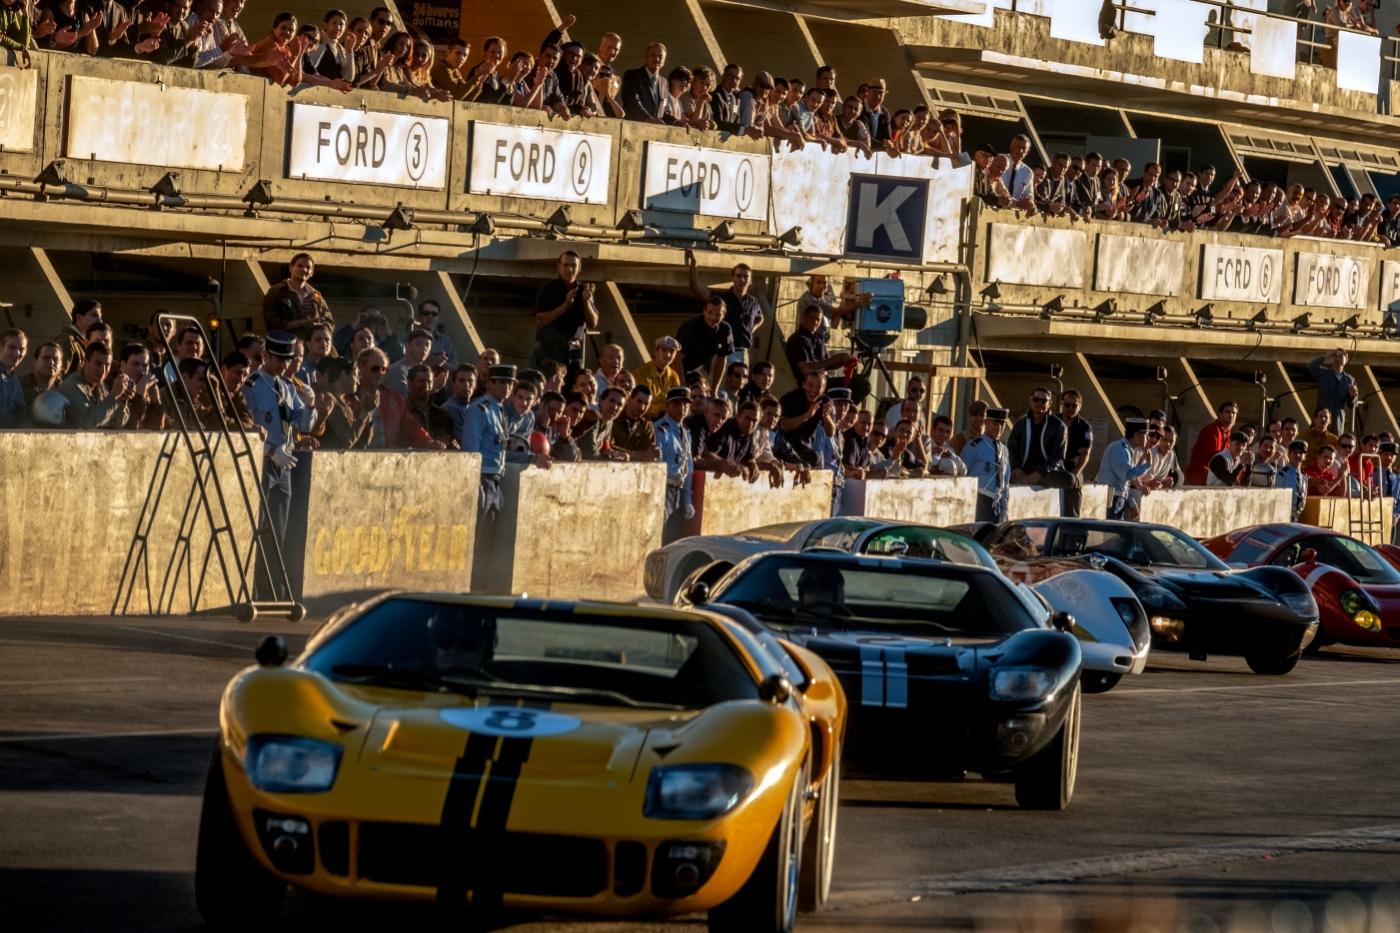 Filmkritik Le Mans 66 Gegen Jede Chance Der Nächste Rush Autofilou